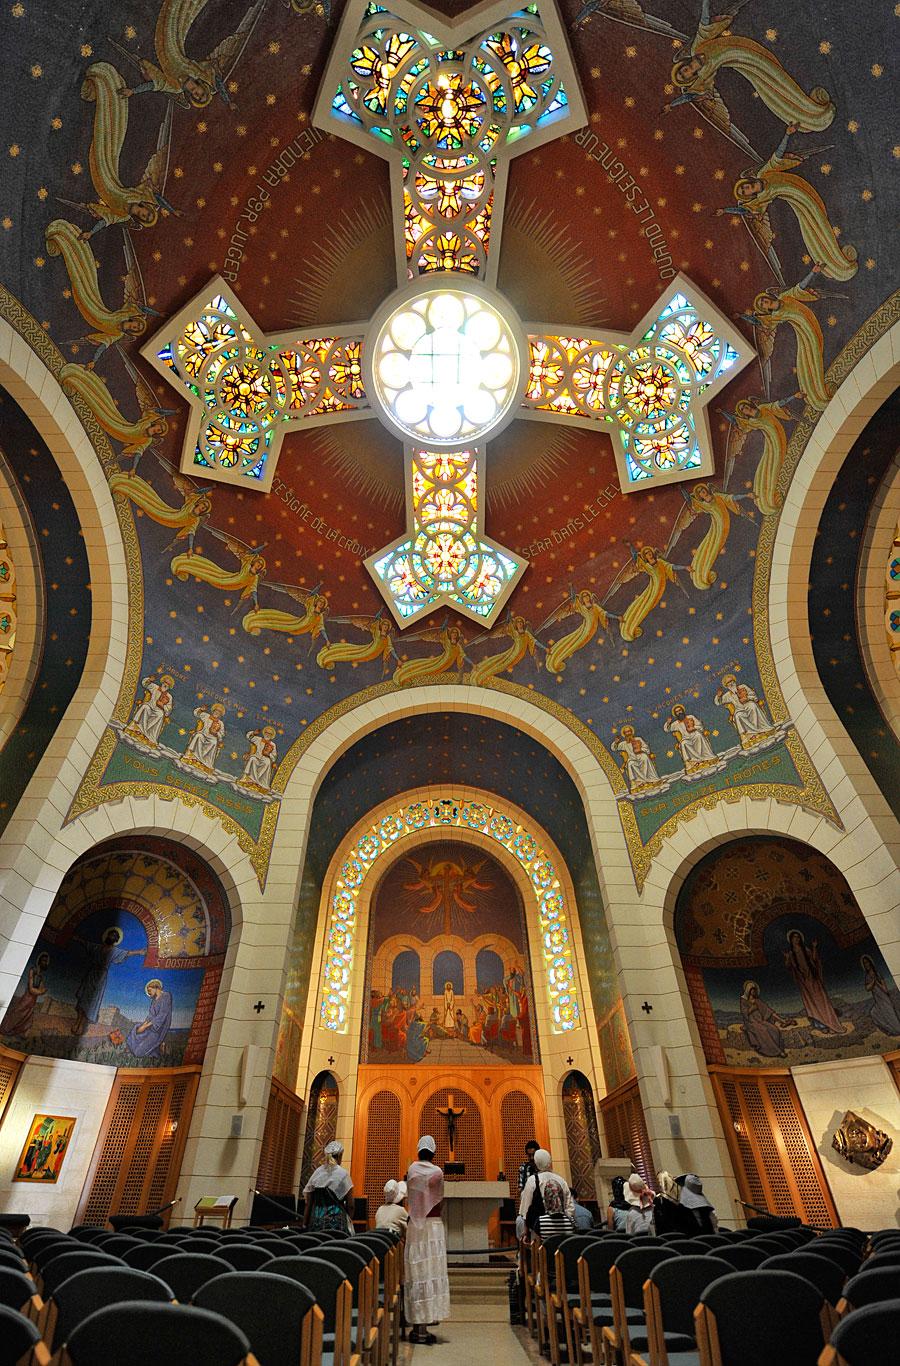 Der obere Kirchraum mit kreuzförmigem Fenster in der Kuppel. (© Matthias Hinrichsen)